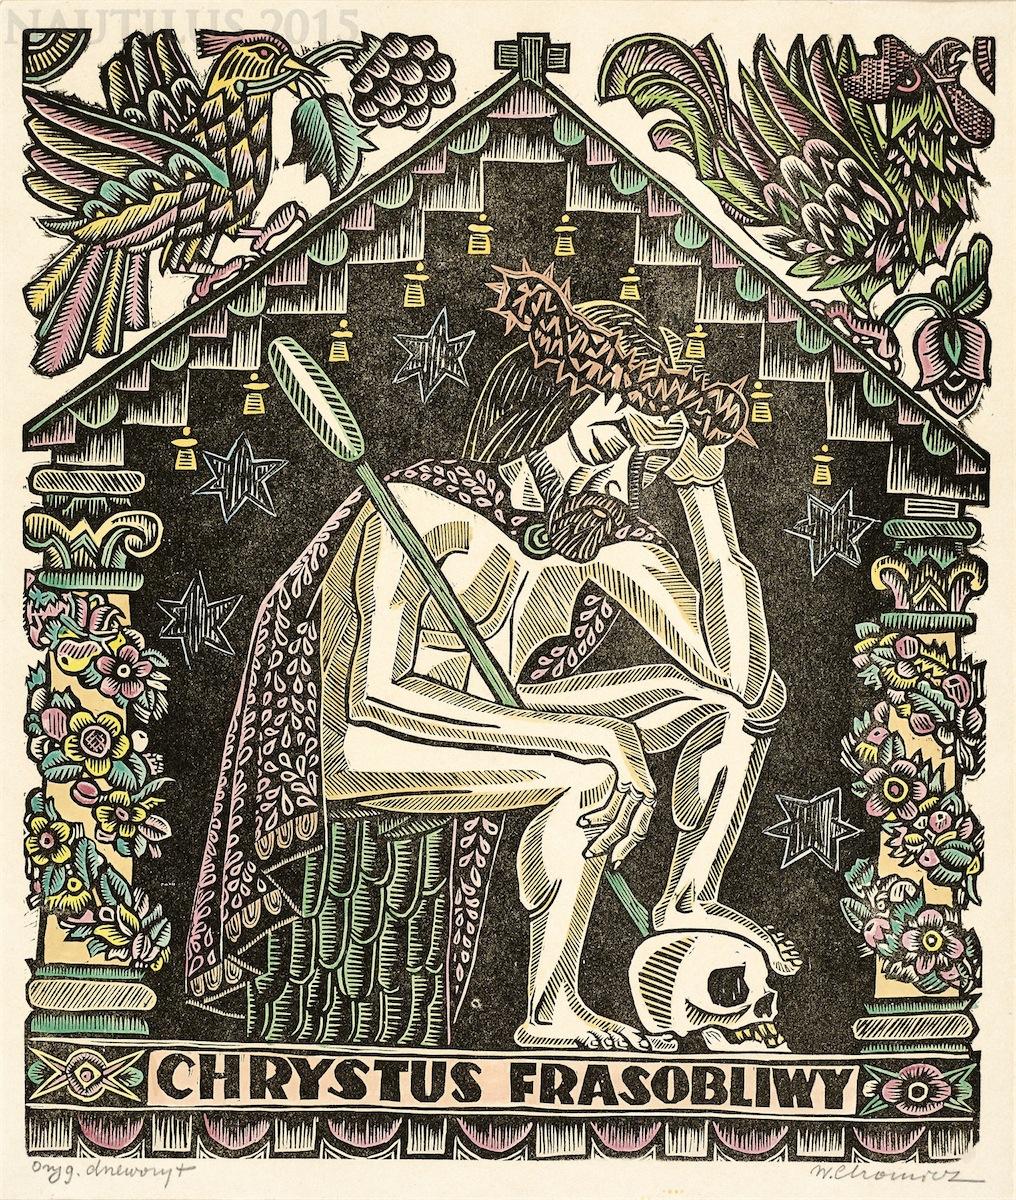 Chrystus Frasobliwy, 1936